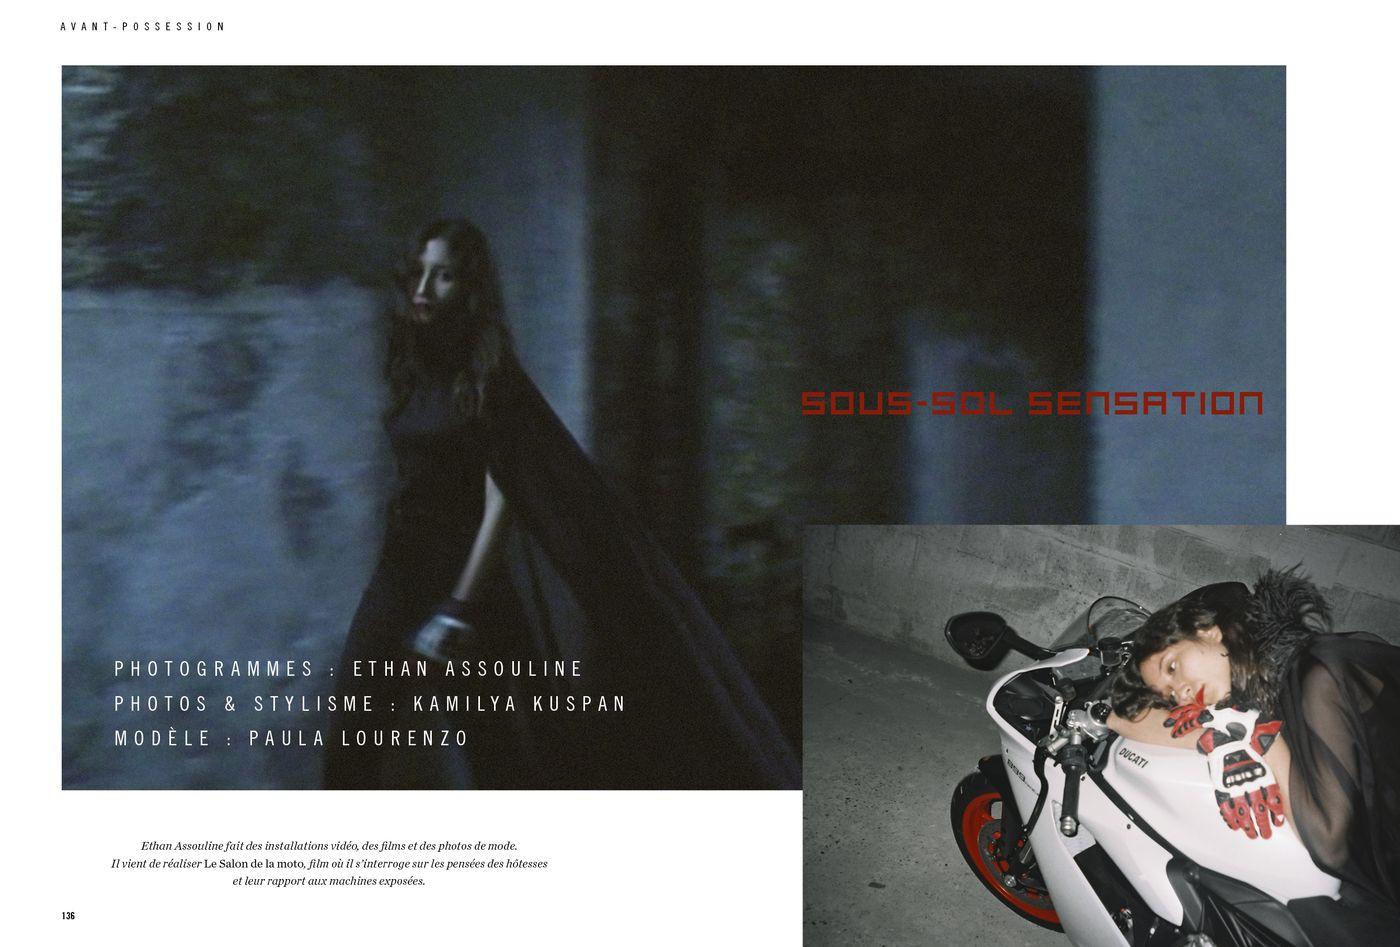 Possession Immédiate Volume 5 - Photographies d'Ethan Assouline et de Kamilya Kuspan, Sous-sol sensation